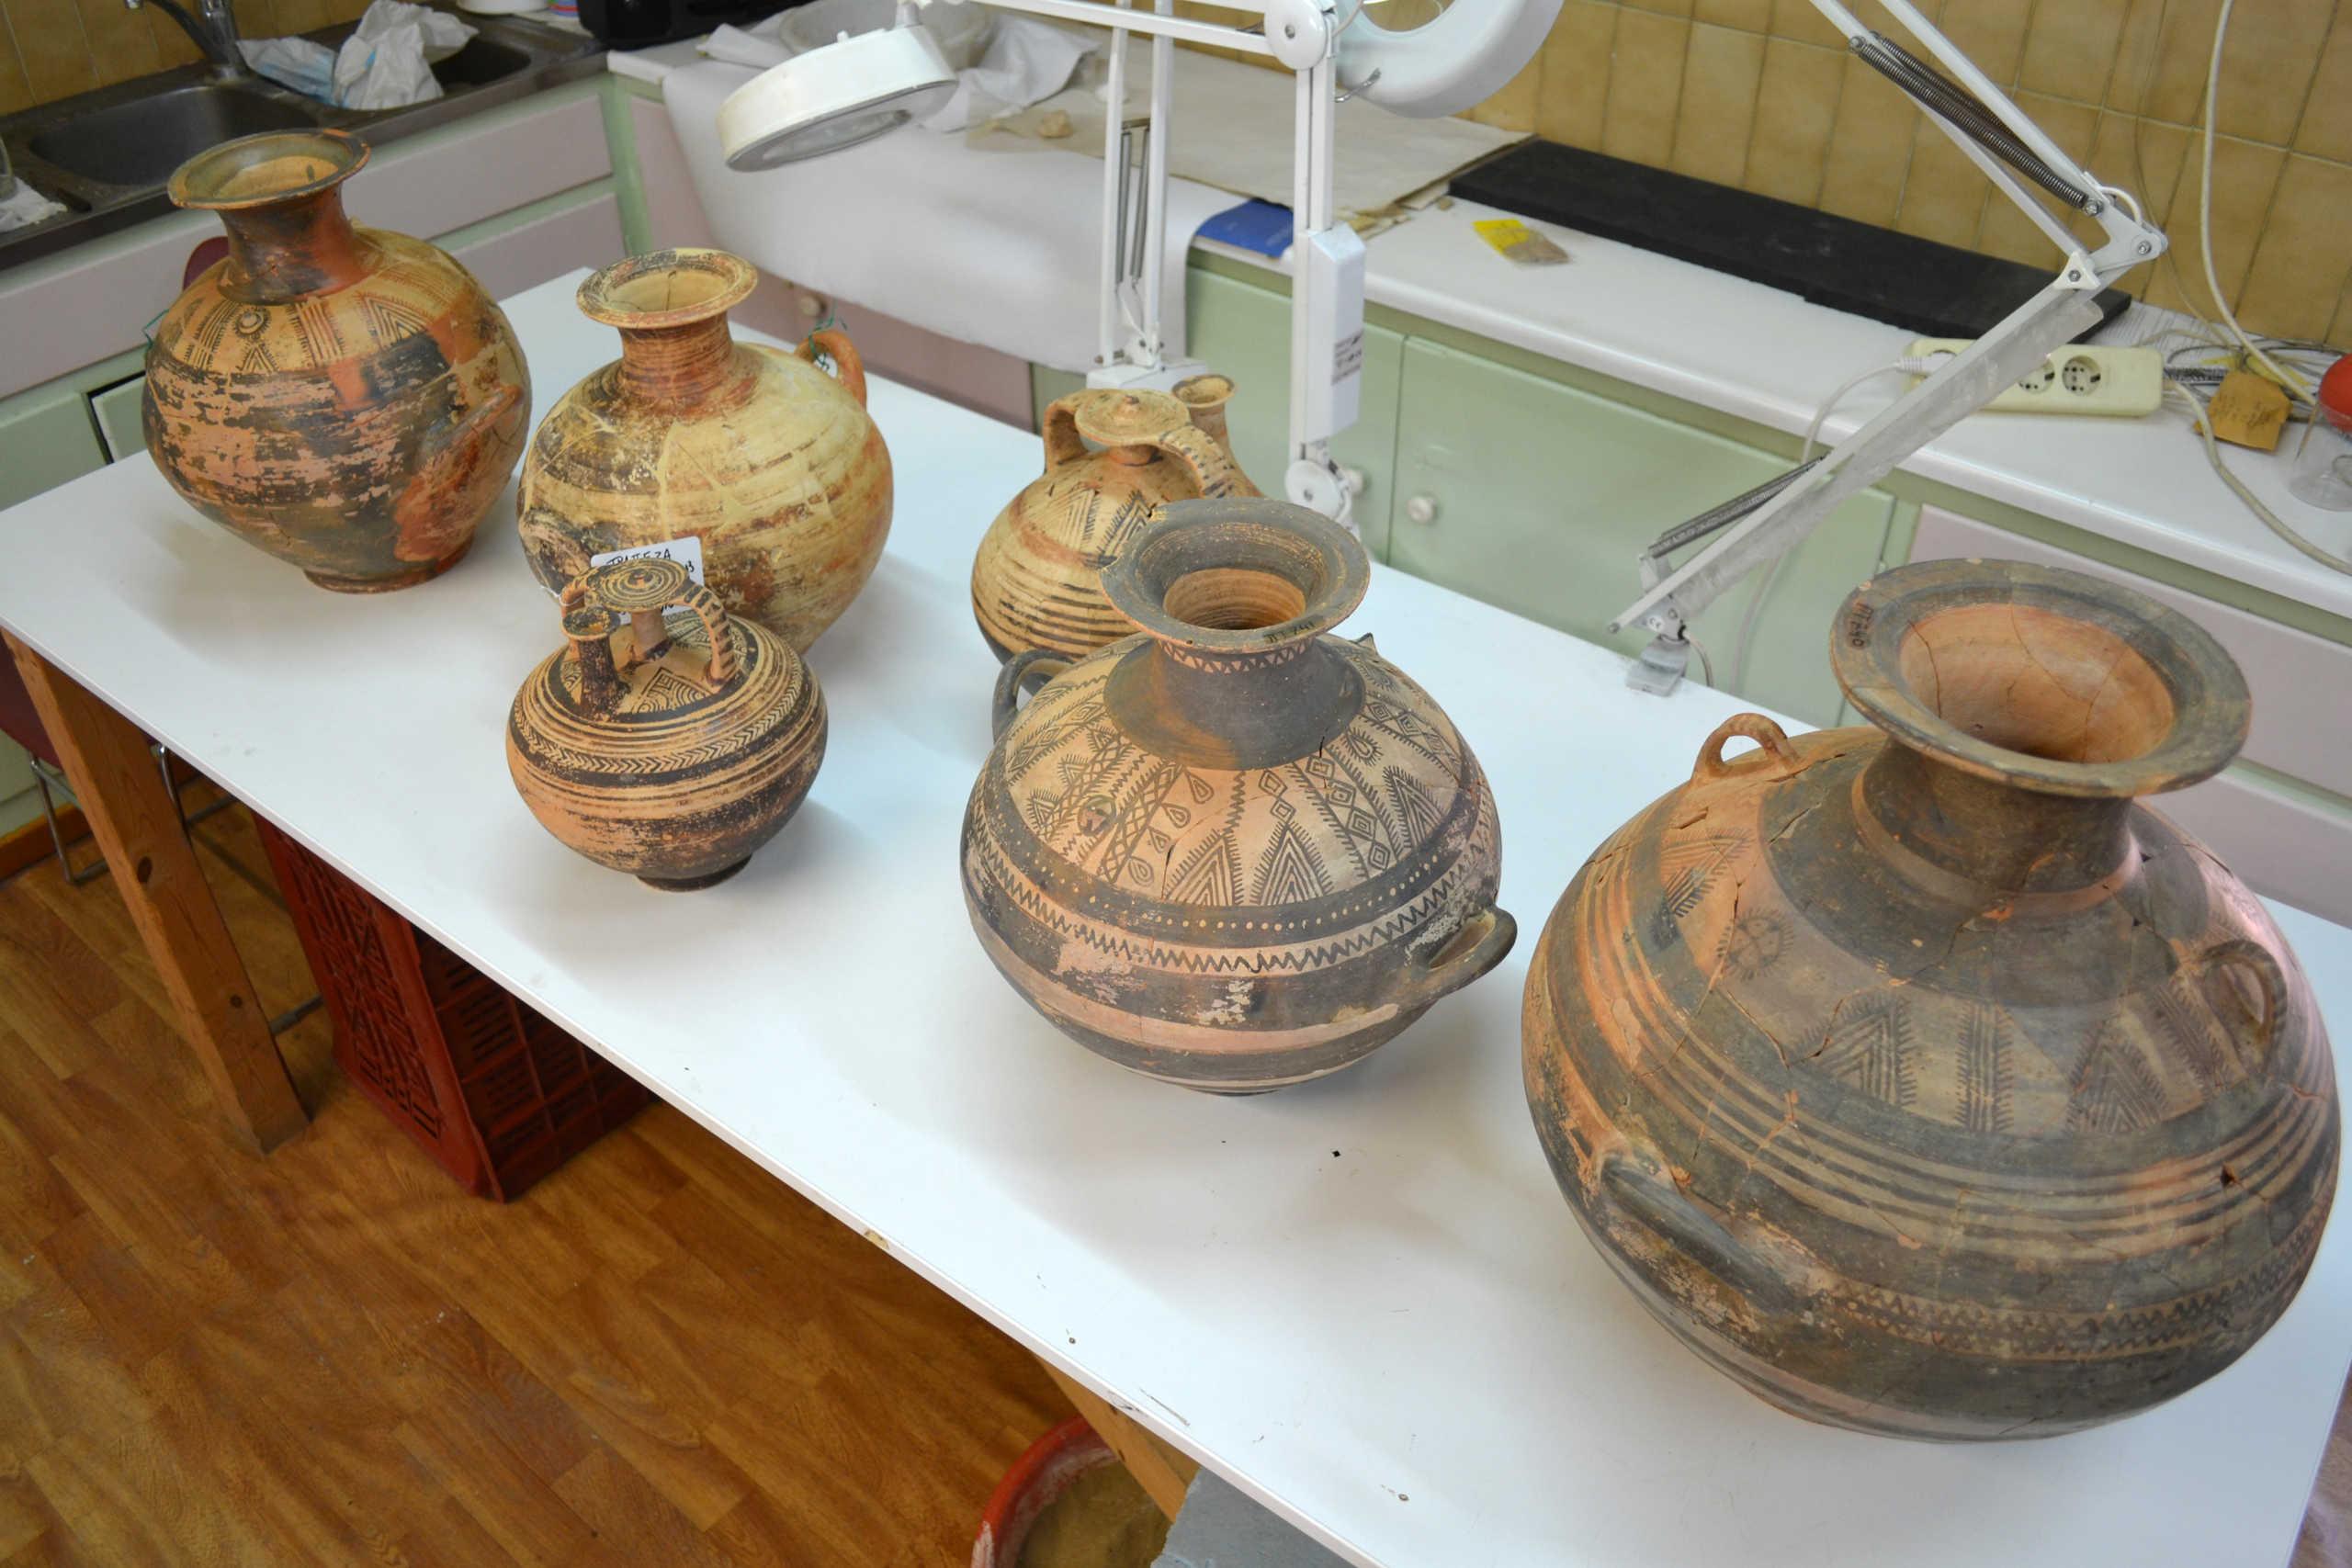 Πλήθος ευρημάτων στη μυκηναϊκή νεκρόπολη στο Αίγιο (pics)